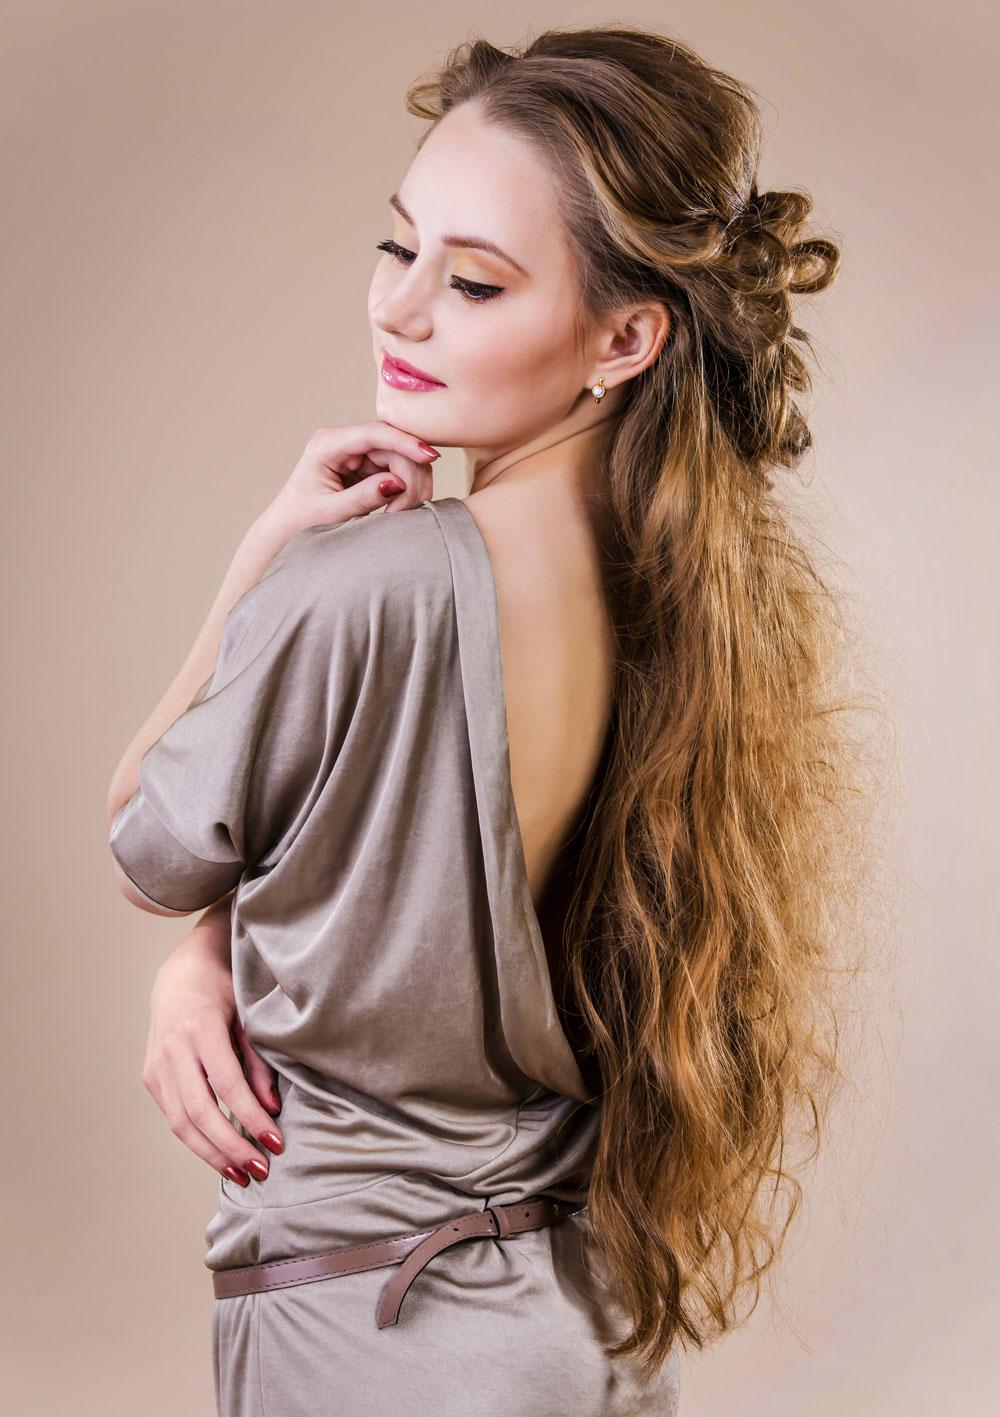 sehr lange haare, halb hochgesteckt frisiert| schöne